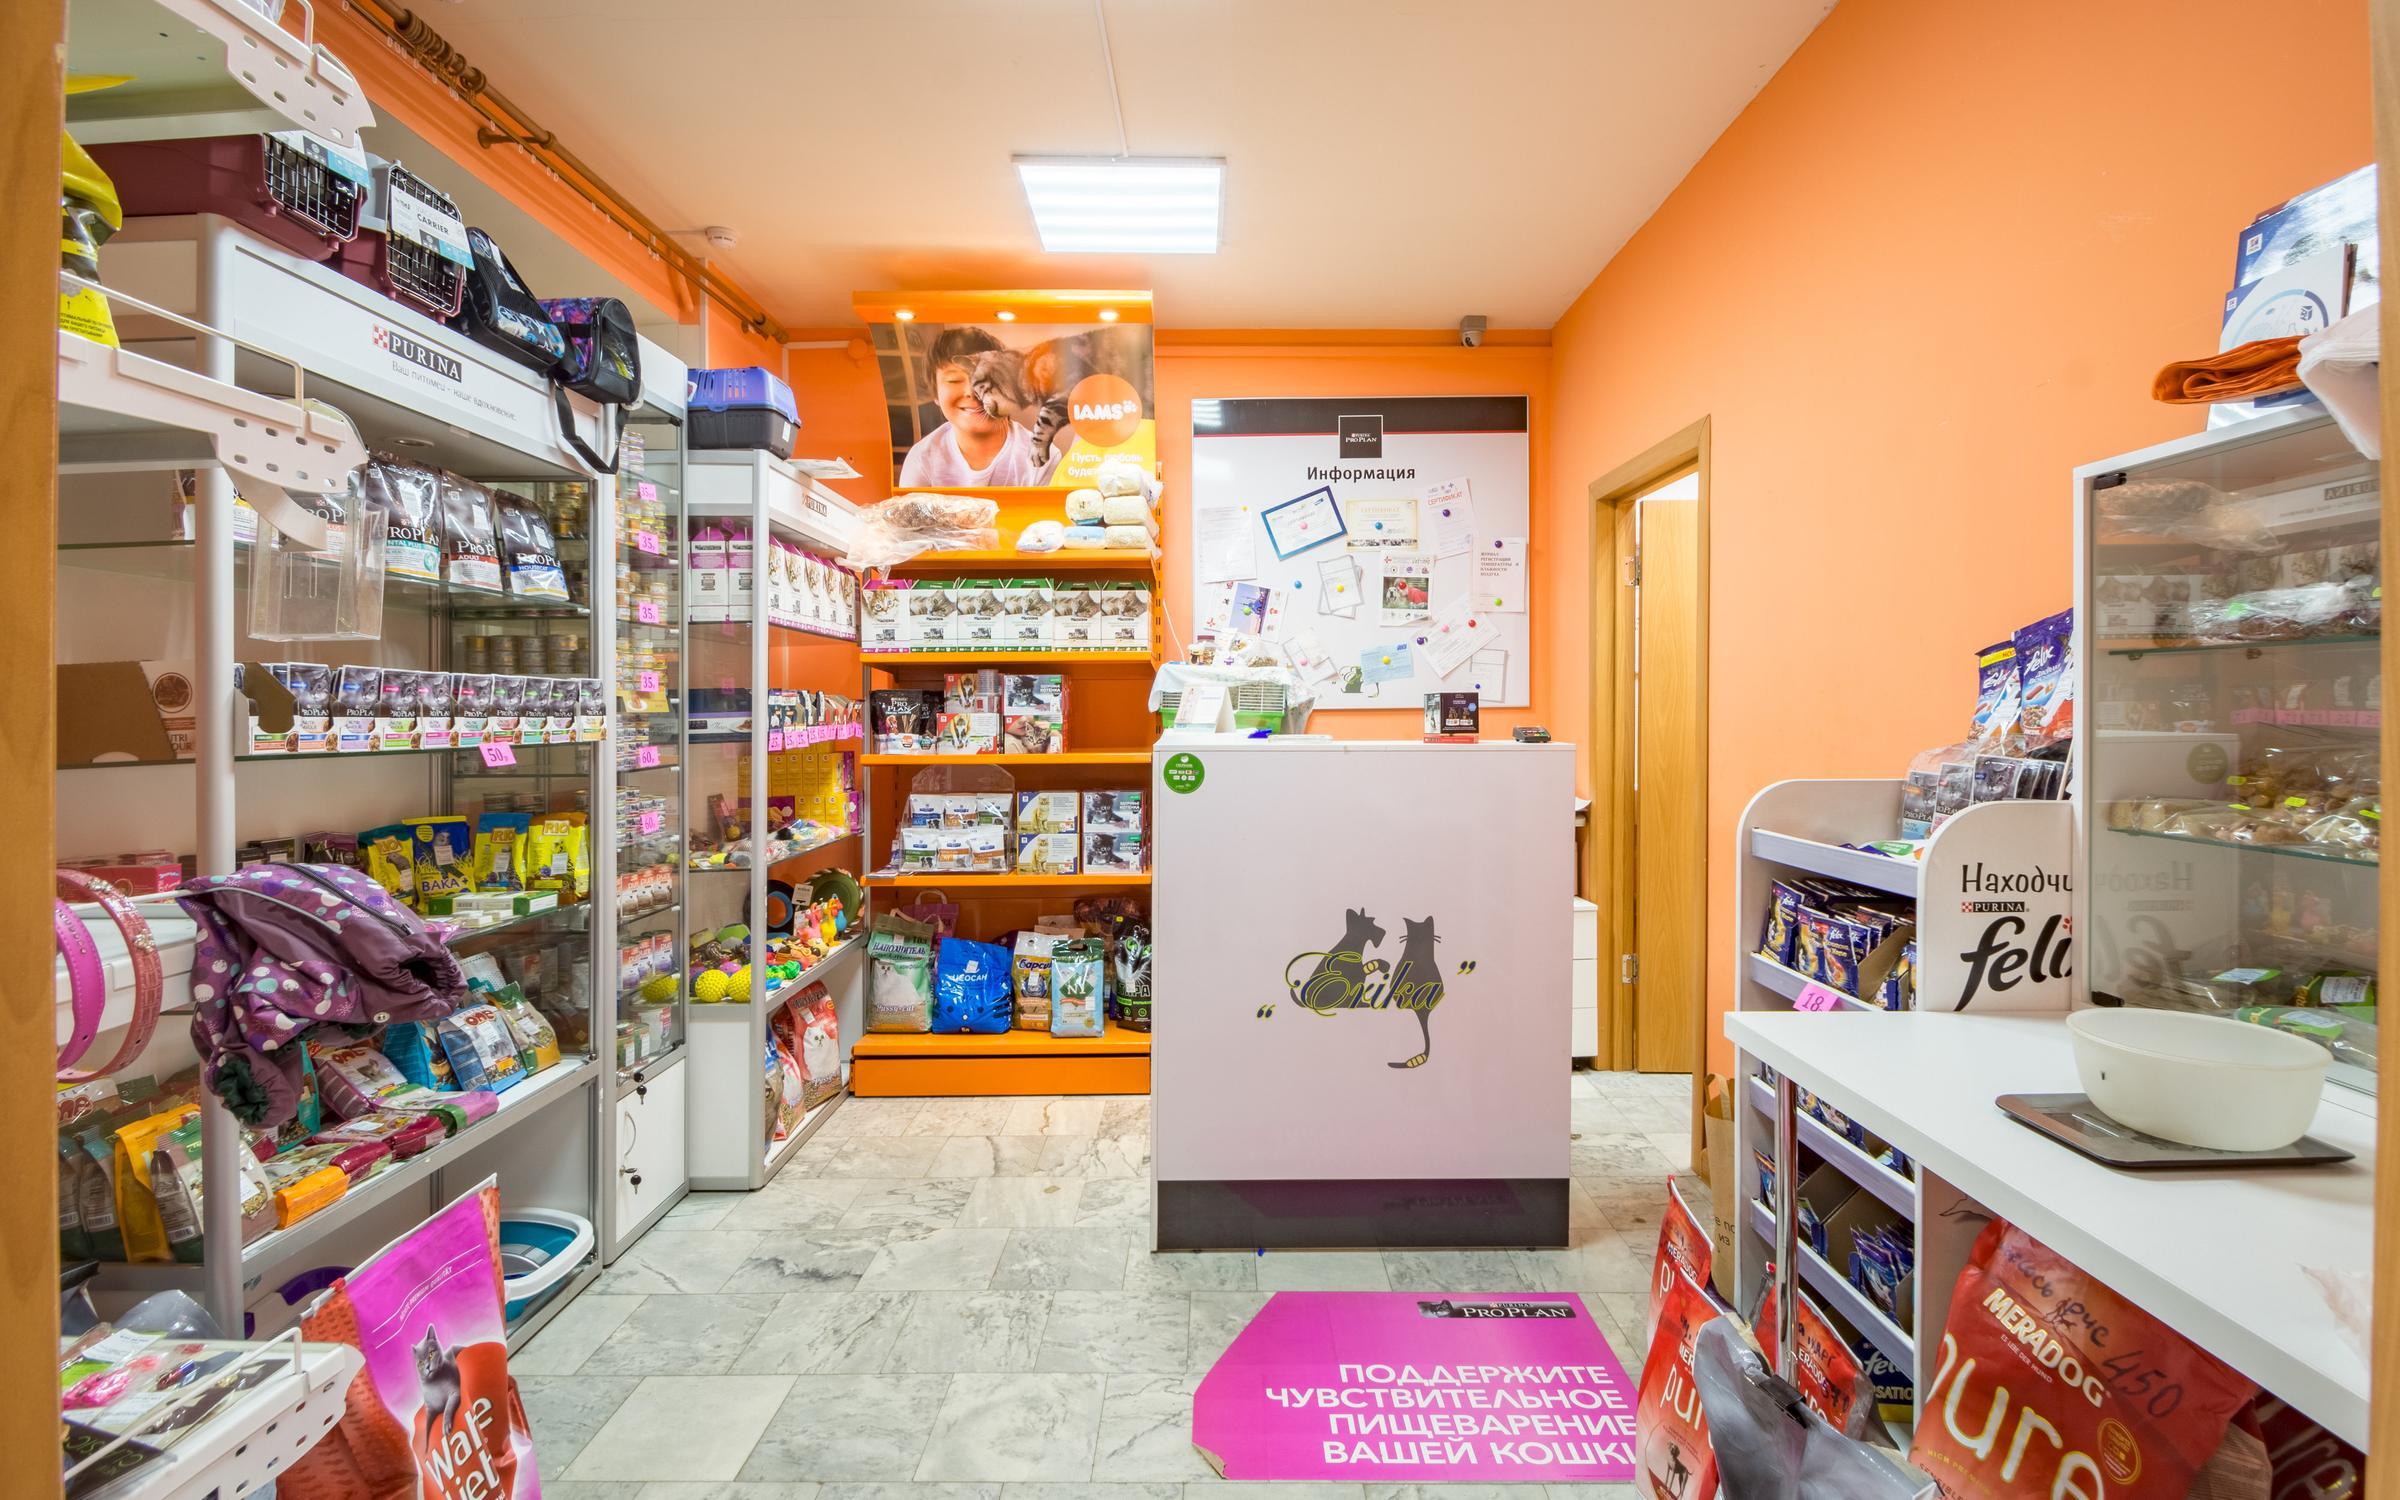 """фотография Ветеринарной клиники """"Эрика"""" в Нижегородском районе"""